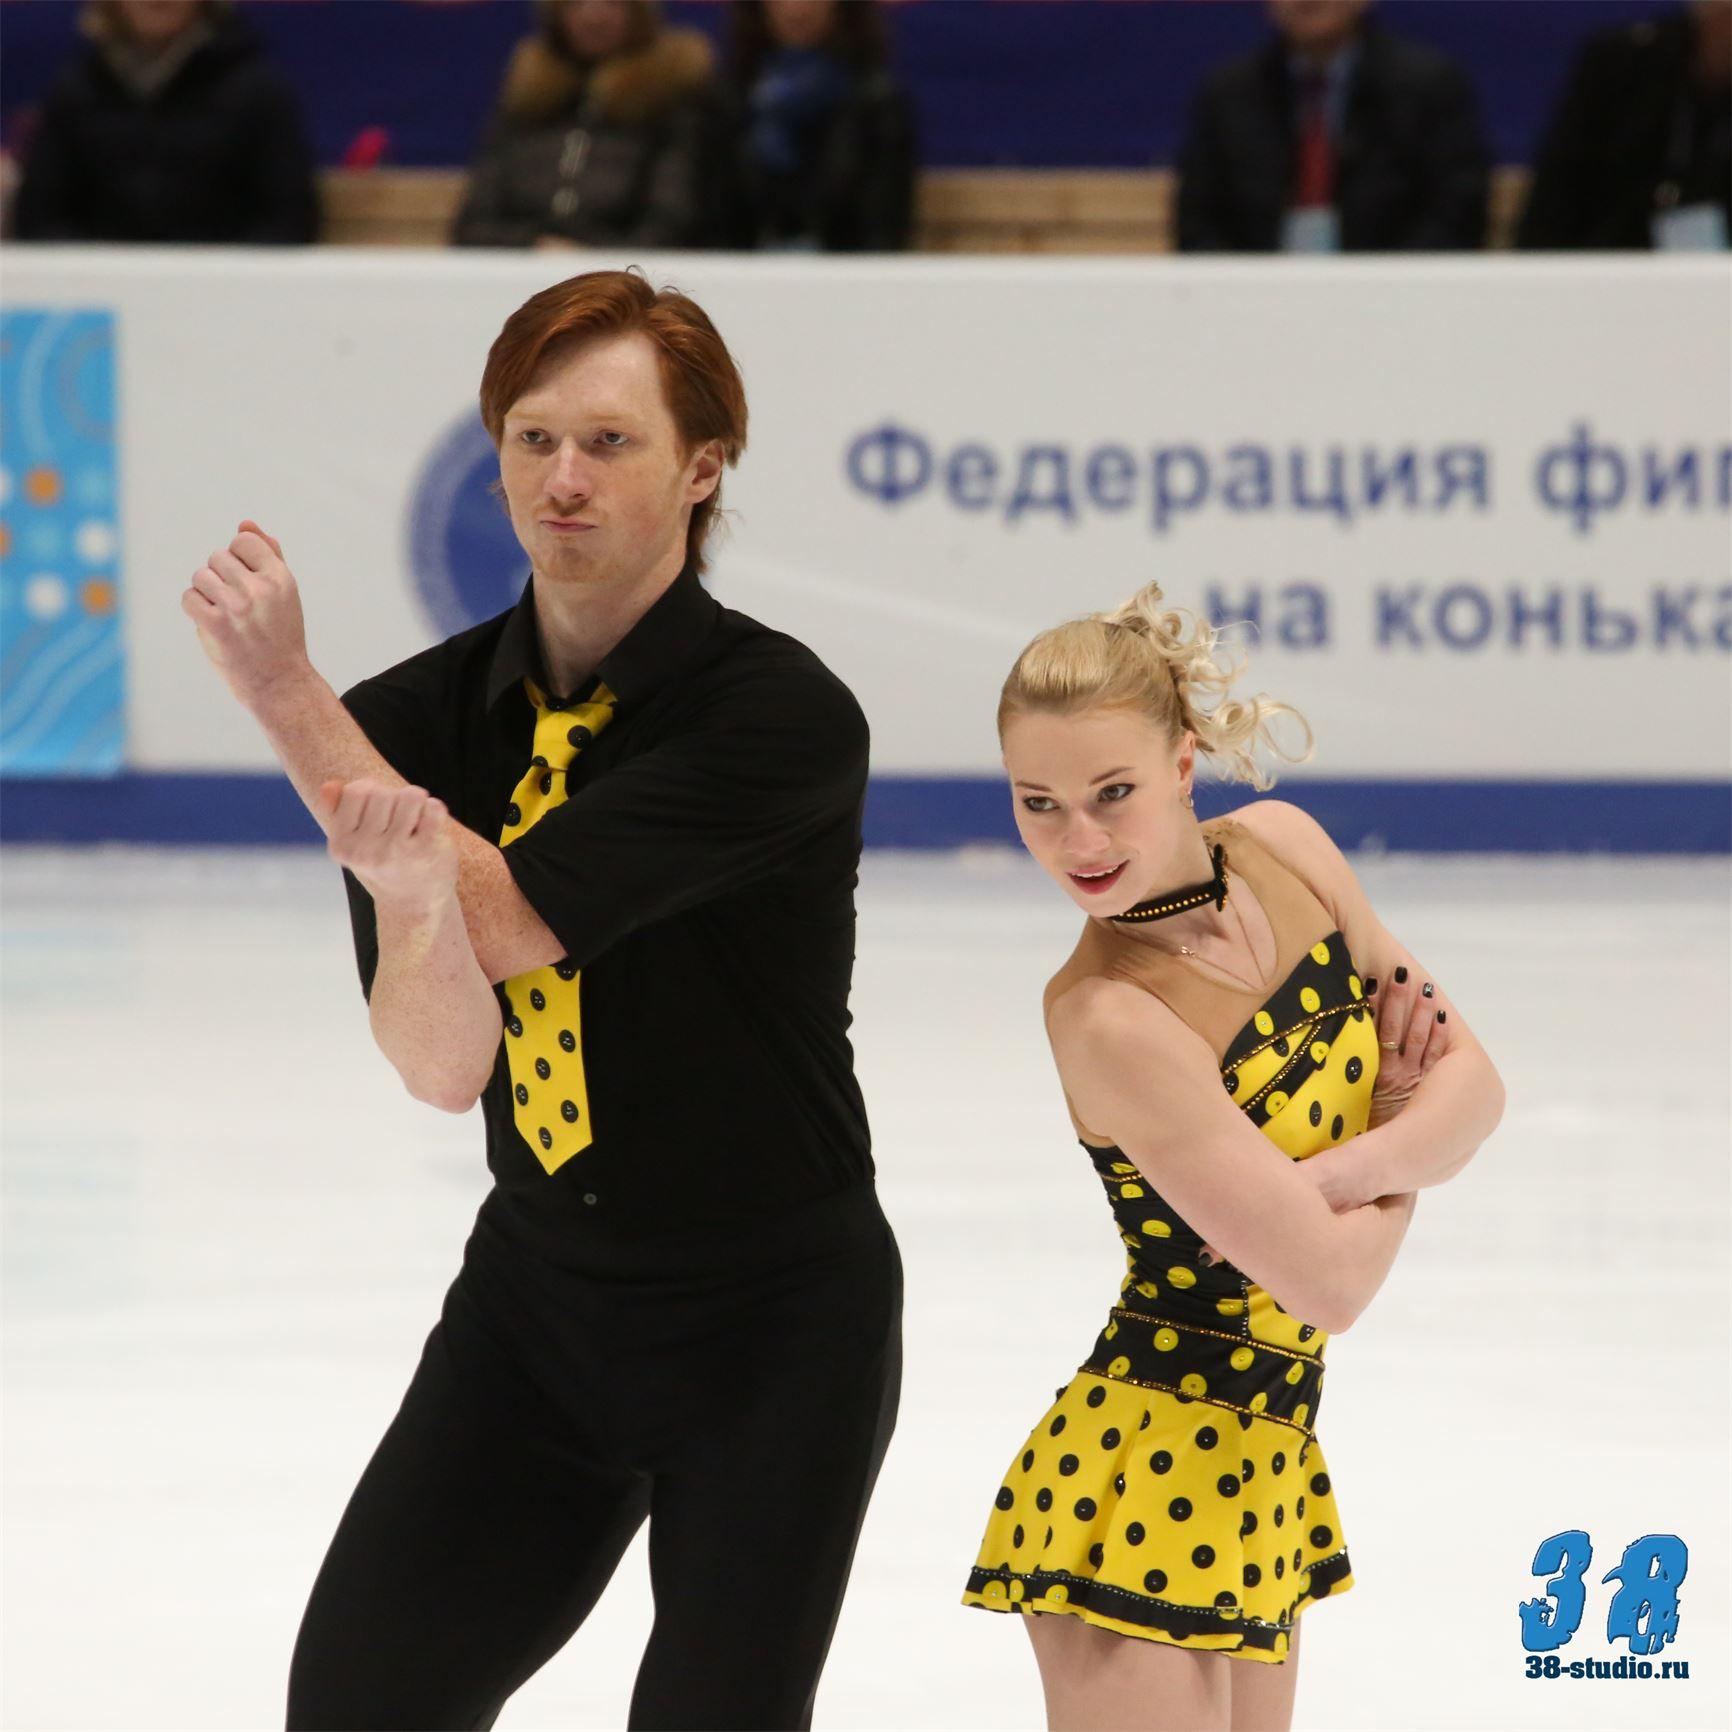 Евгения Тарасова - Владимир Морозов-2 - Страница 2 FkNBIH5VjCQ